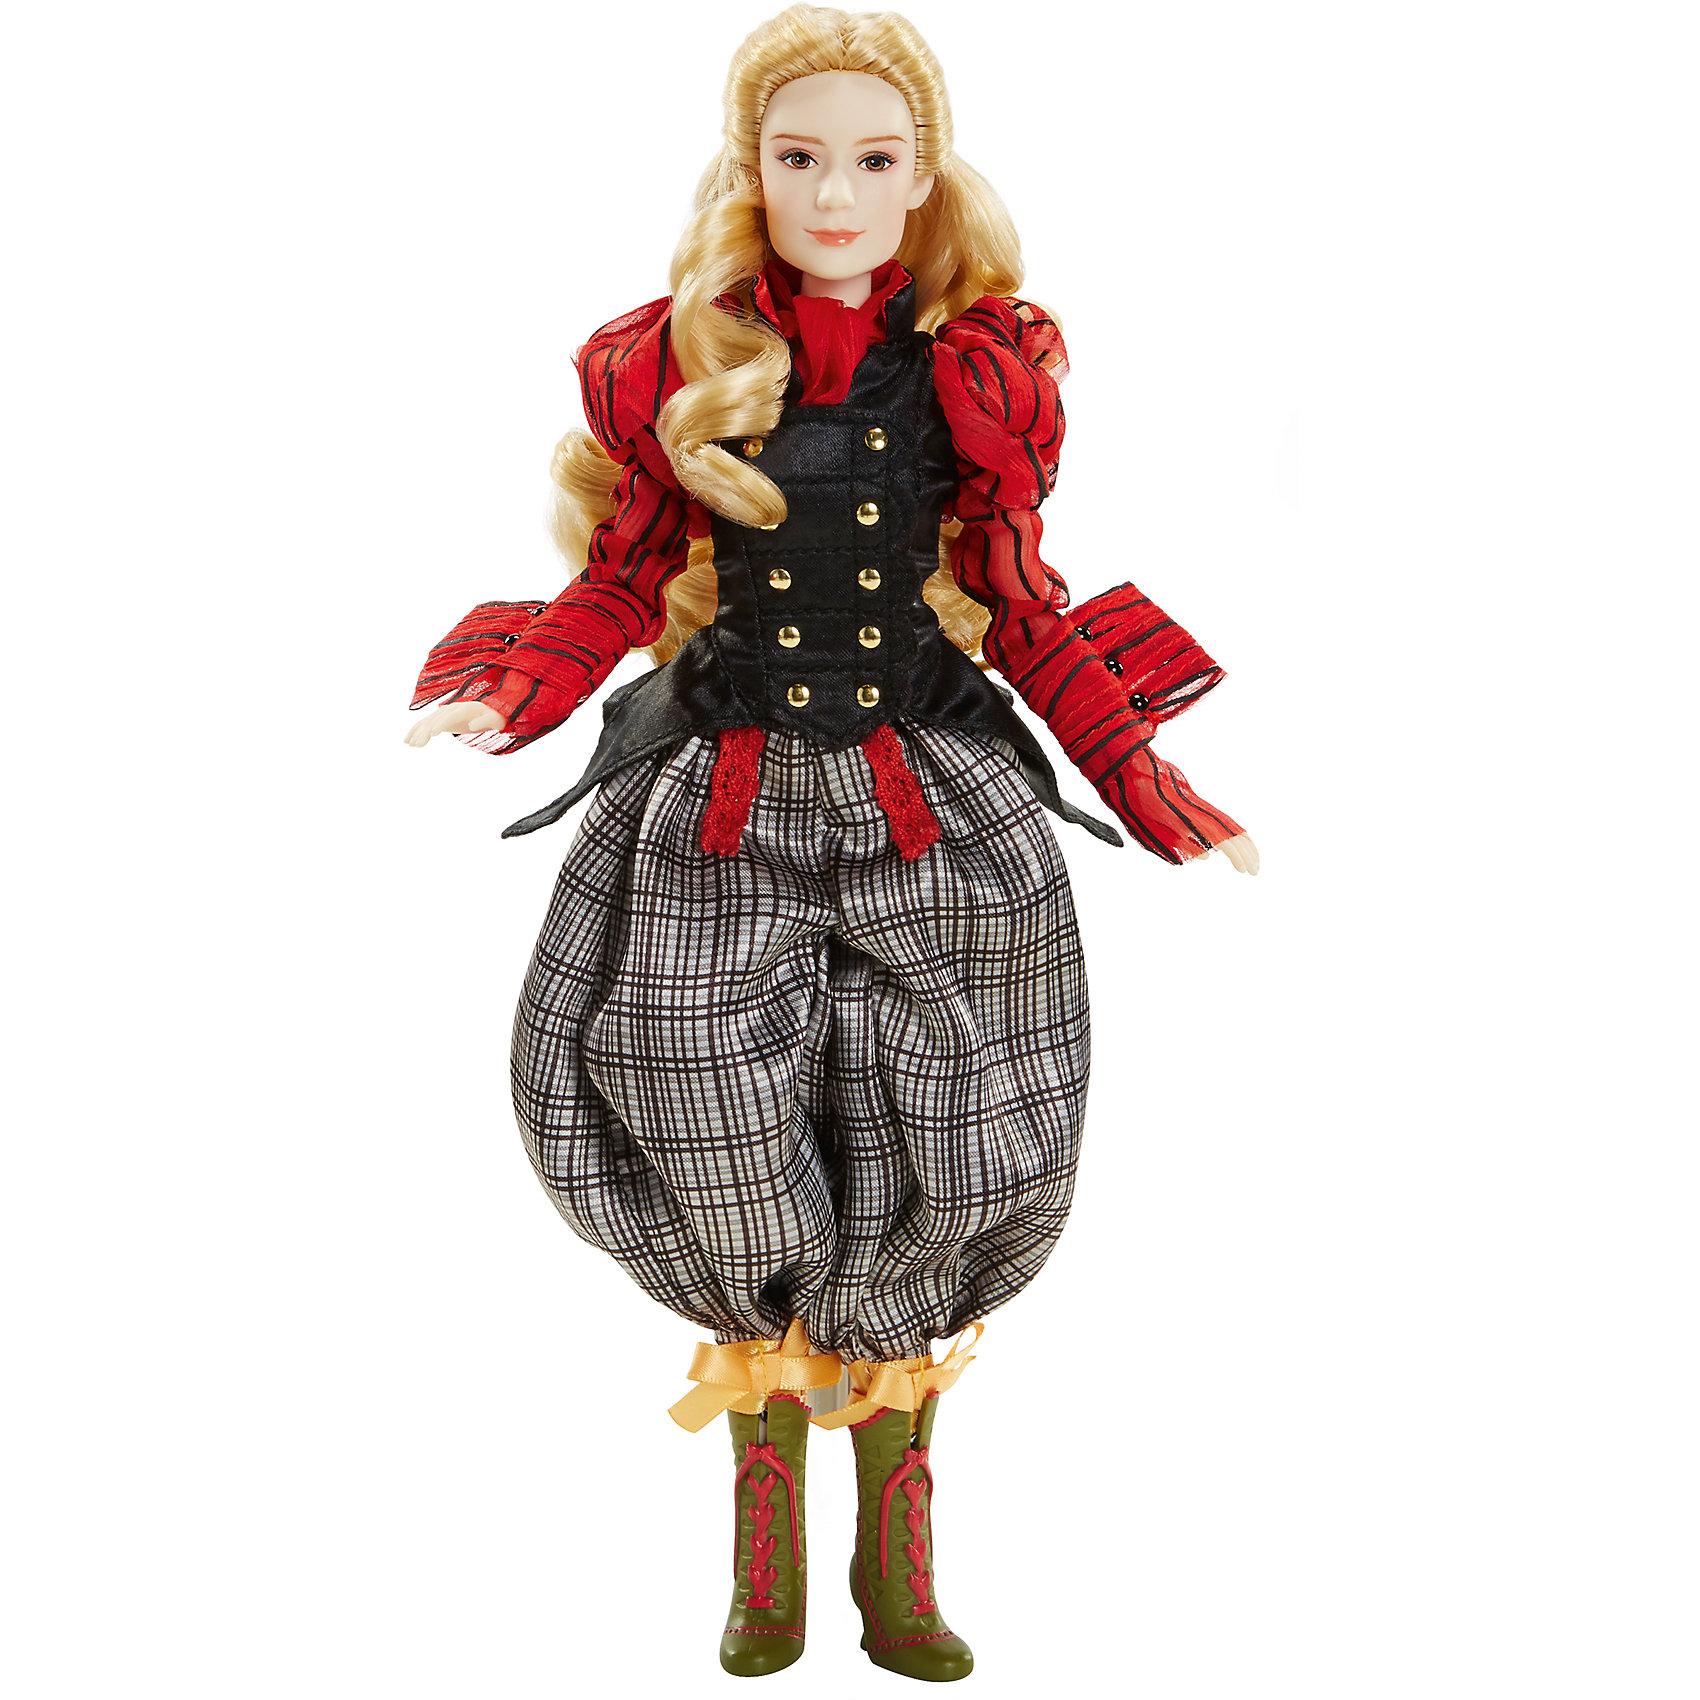 Классическая кукла Алиса, Алиса в ЗазеркальеИгрушки<br>Классическая кукла Алиса в стране чудес – эта кукла, имеющая огромное сходство с героиней фильма.<br>Кукла в образе Алисы, главной героини фильма «Алиса в Зазеркалье» очень похожа на актрису Миа Васиковска, которая сыграла эту роль в киноленте. Костюм куклы несколько отличается от классического изображения, однако это делает игру лишь интересней. Кукла одета в красную рубашку, черную жилетку и клетчатые брюки, на ногах – ботинки на шнуровке. Белокурая героиня с легкостью погрузит вашего ребенка в мир фантазий и сказок, в которых она вместе с ним отправиться в гости к Шляпнику или встретиться с мудрой гусеницей, а может быть, они вместе придумают новый сюжет старой волшебной истории.<br><br>Дополнительная информация:<br><br>- Высота: 29 см.<br>- Материал: пластик, текстиль<br><br>Классическую куклу Алиса в стране чудес можно купить в нашем интернет-магазине.<br><br>Ширина мм: 18<br>Глубина мм: 80<br>Высота мм: 360<br>Вес г: 450<br>Возраст от месяцев: 36<br>Возраст до месяцев: 1188<br>Пол: Женский<br>Возраст: Детский<br>SKU: 4751312